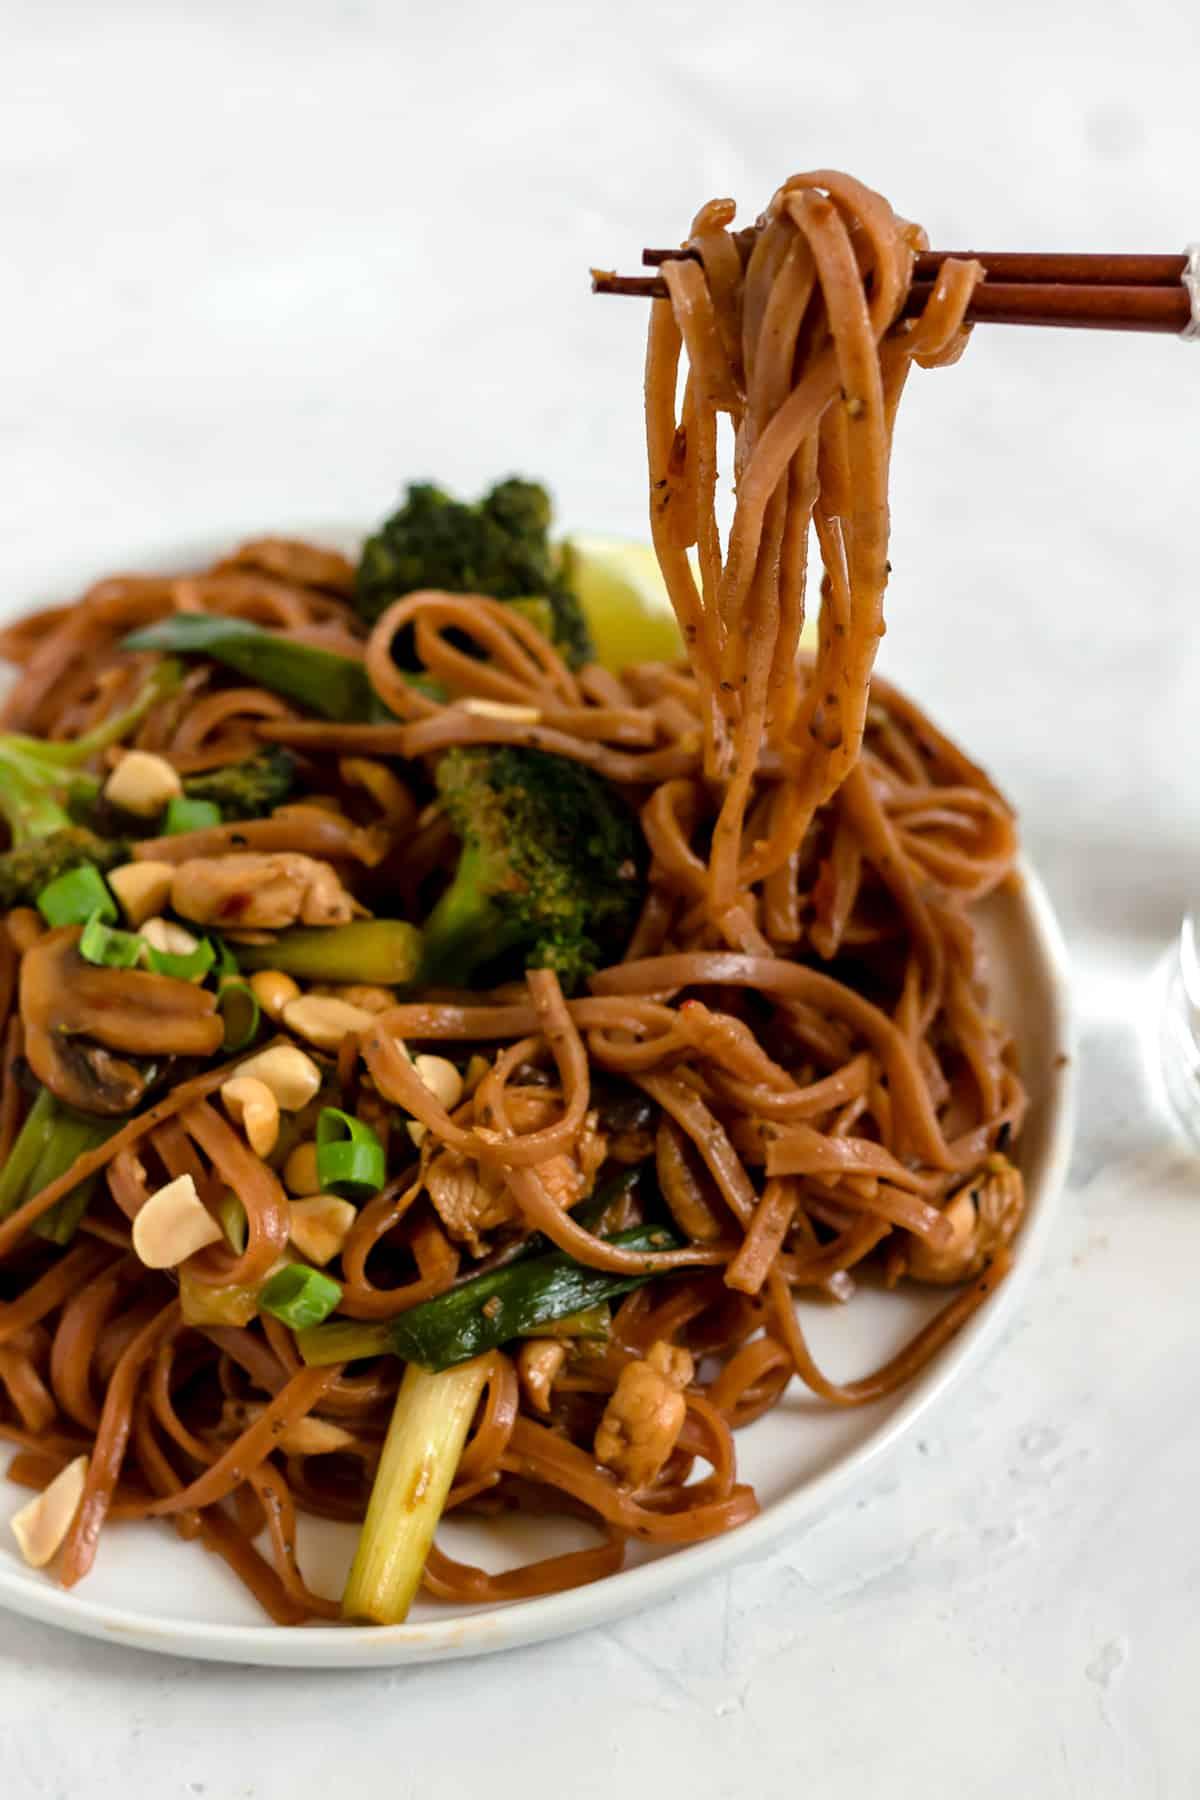 20 Minute Spicy Thai Noodles (gluten free, dairy free)